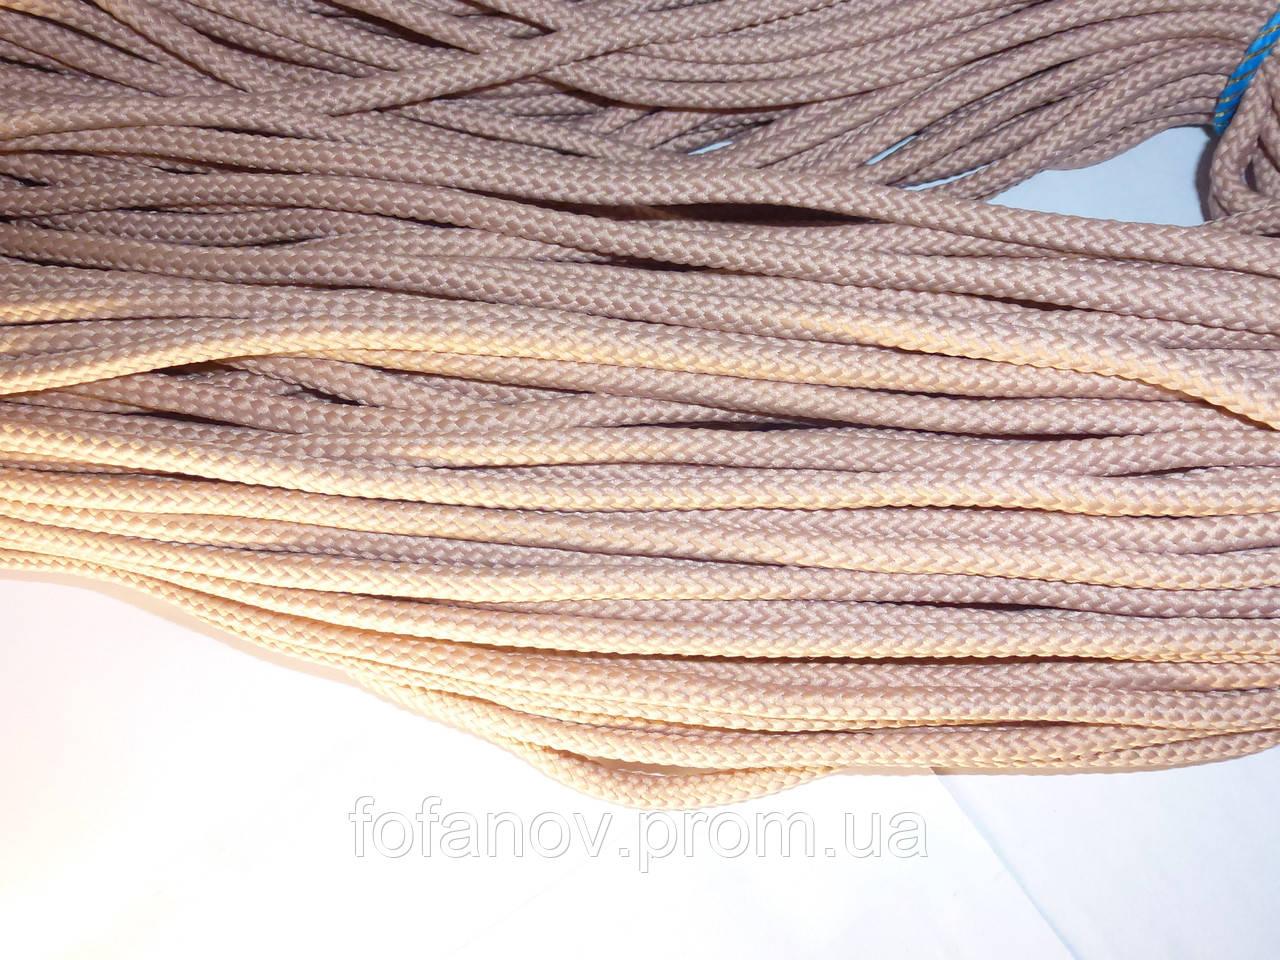 шнур 4 мм для вязания ковра полиэфирный 100 м купить в киеве пряжа